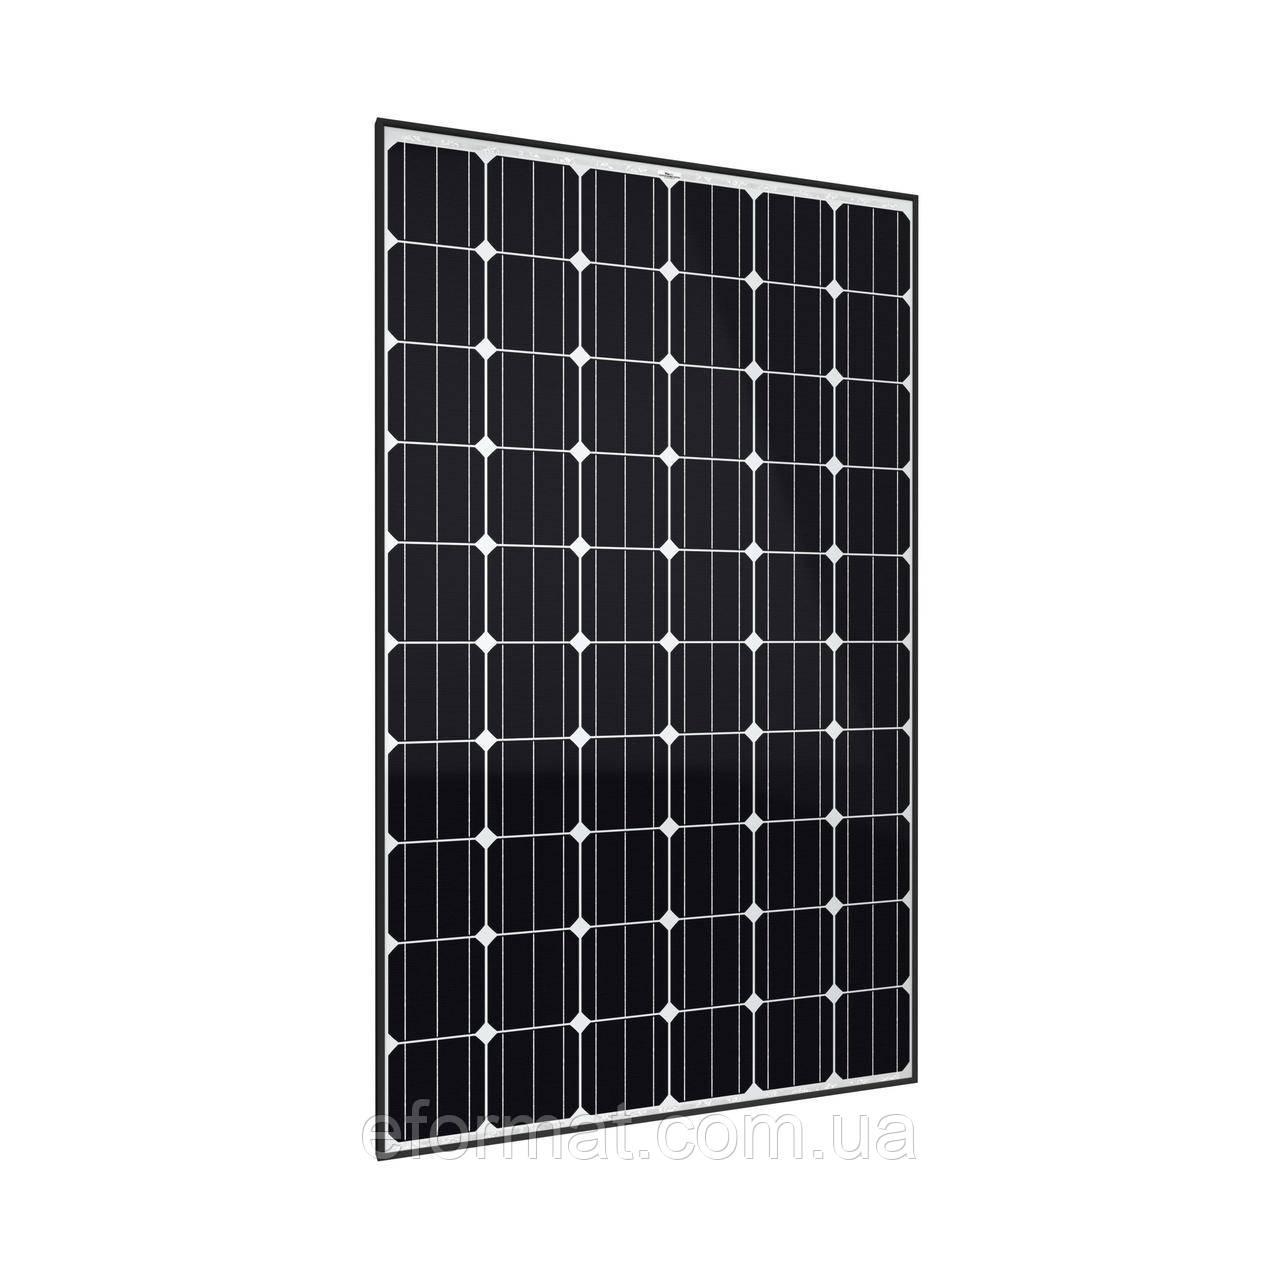 Солнечная панель JA Solar JAM72S09 380 PR монокристалл Tier1